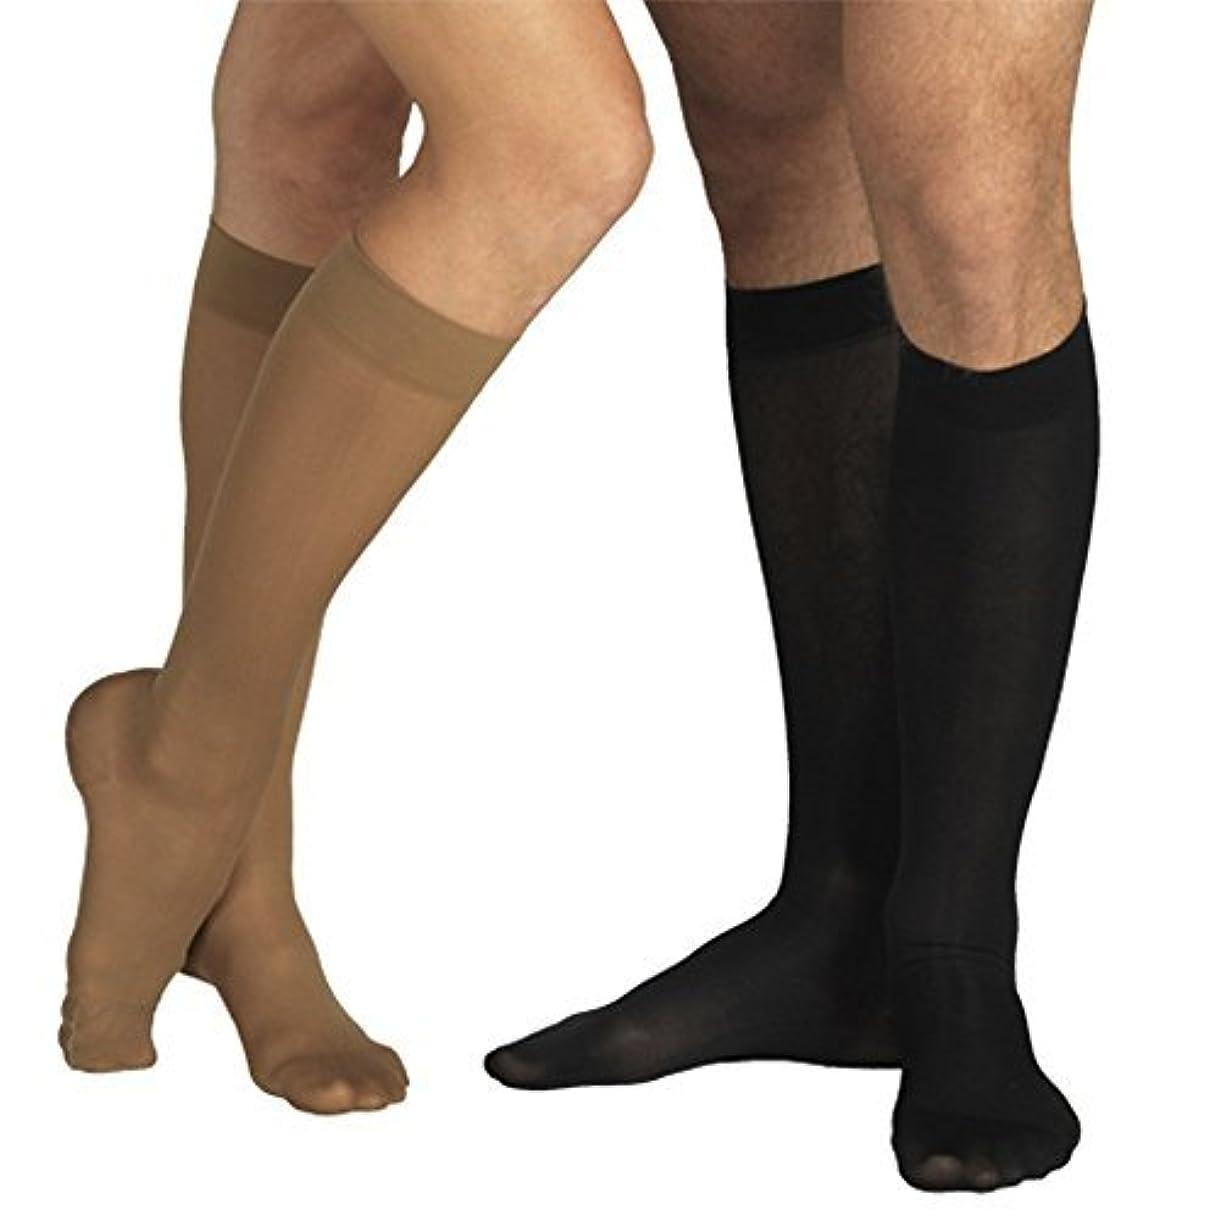 変化異議レルム18-21 mmHg MEDICAL Compression Socks with CLOSED Toe, MODERATE Grade Class I, Knee High Support Stockings with...